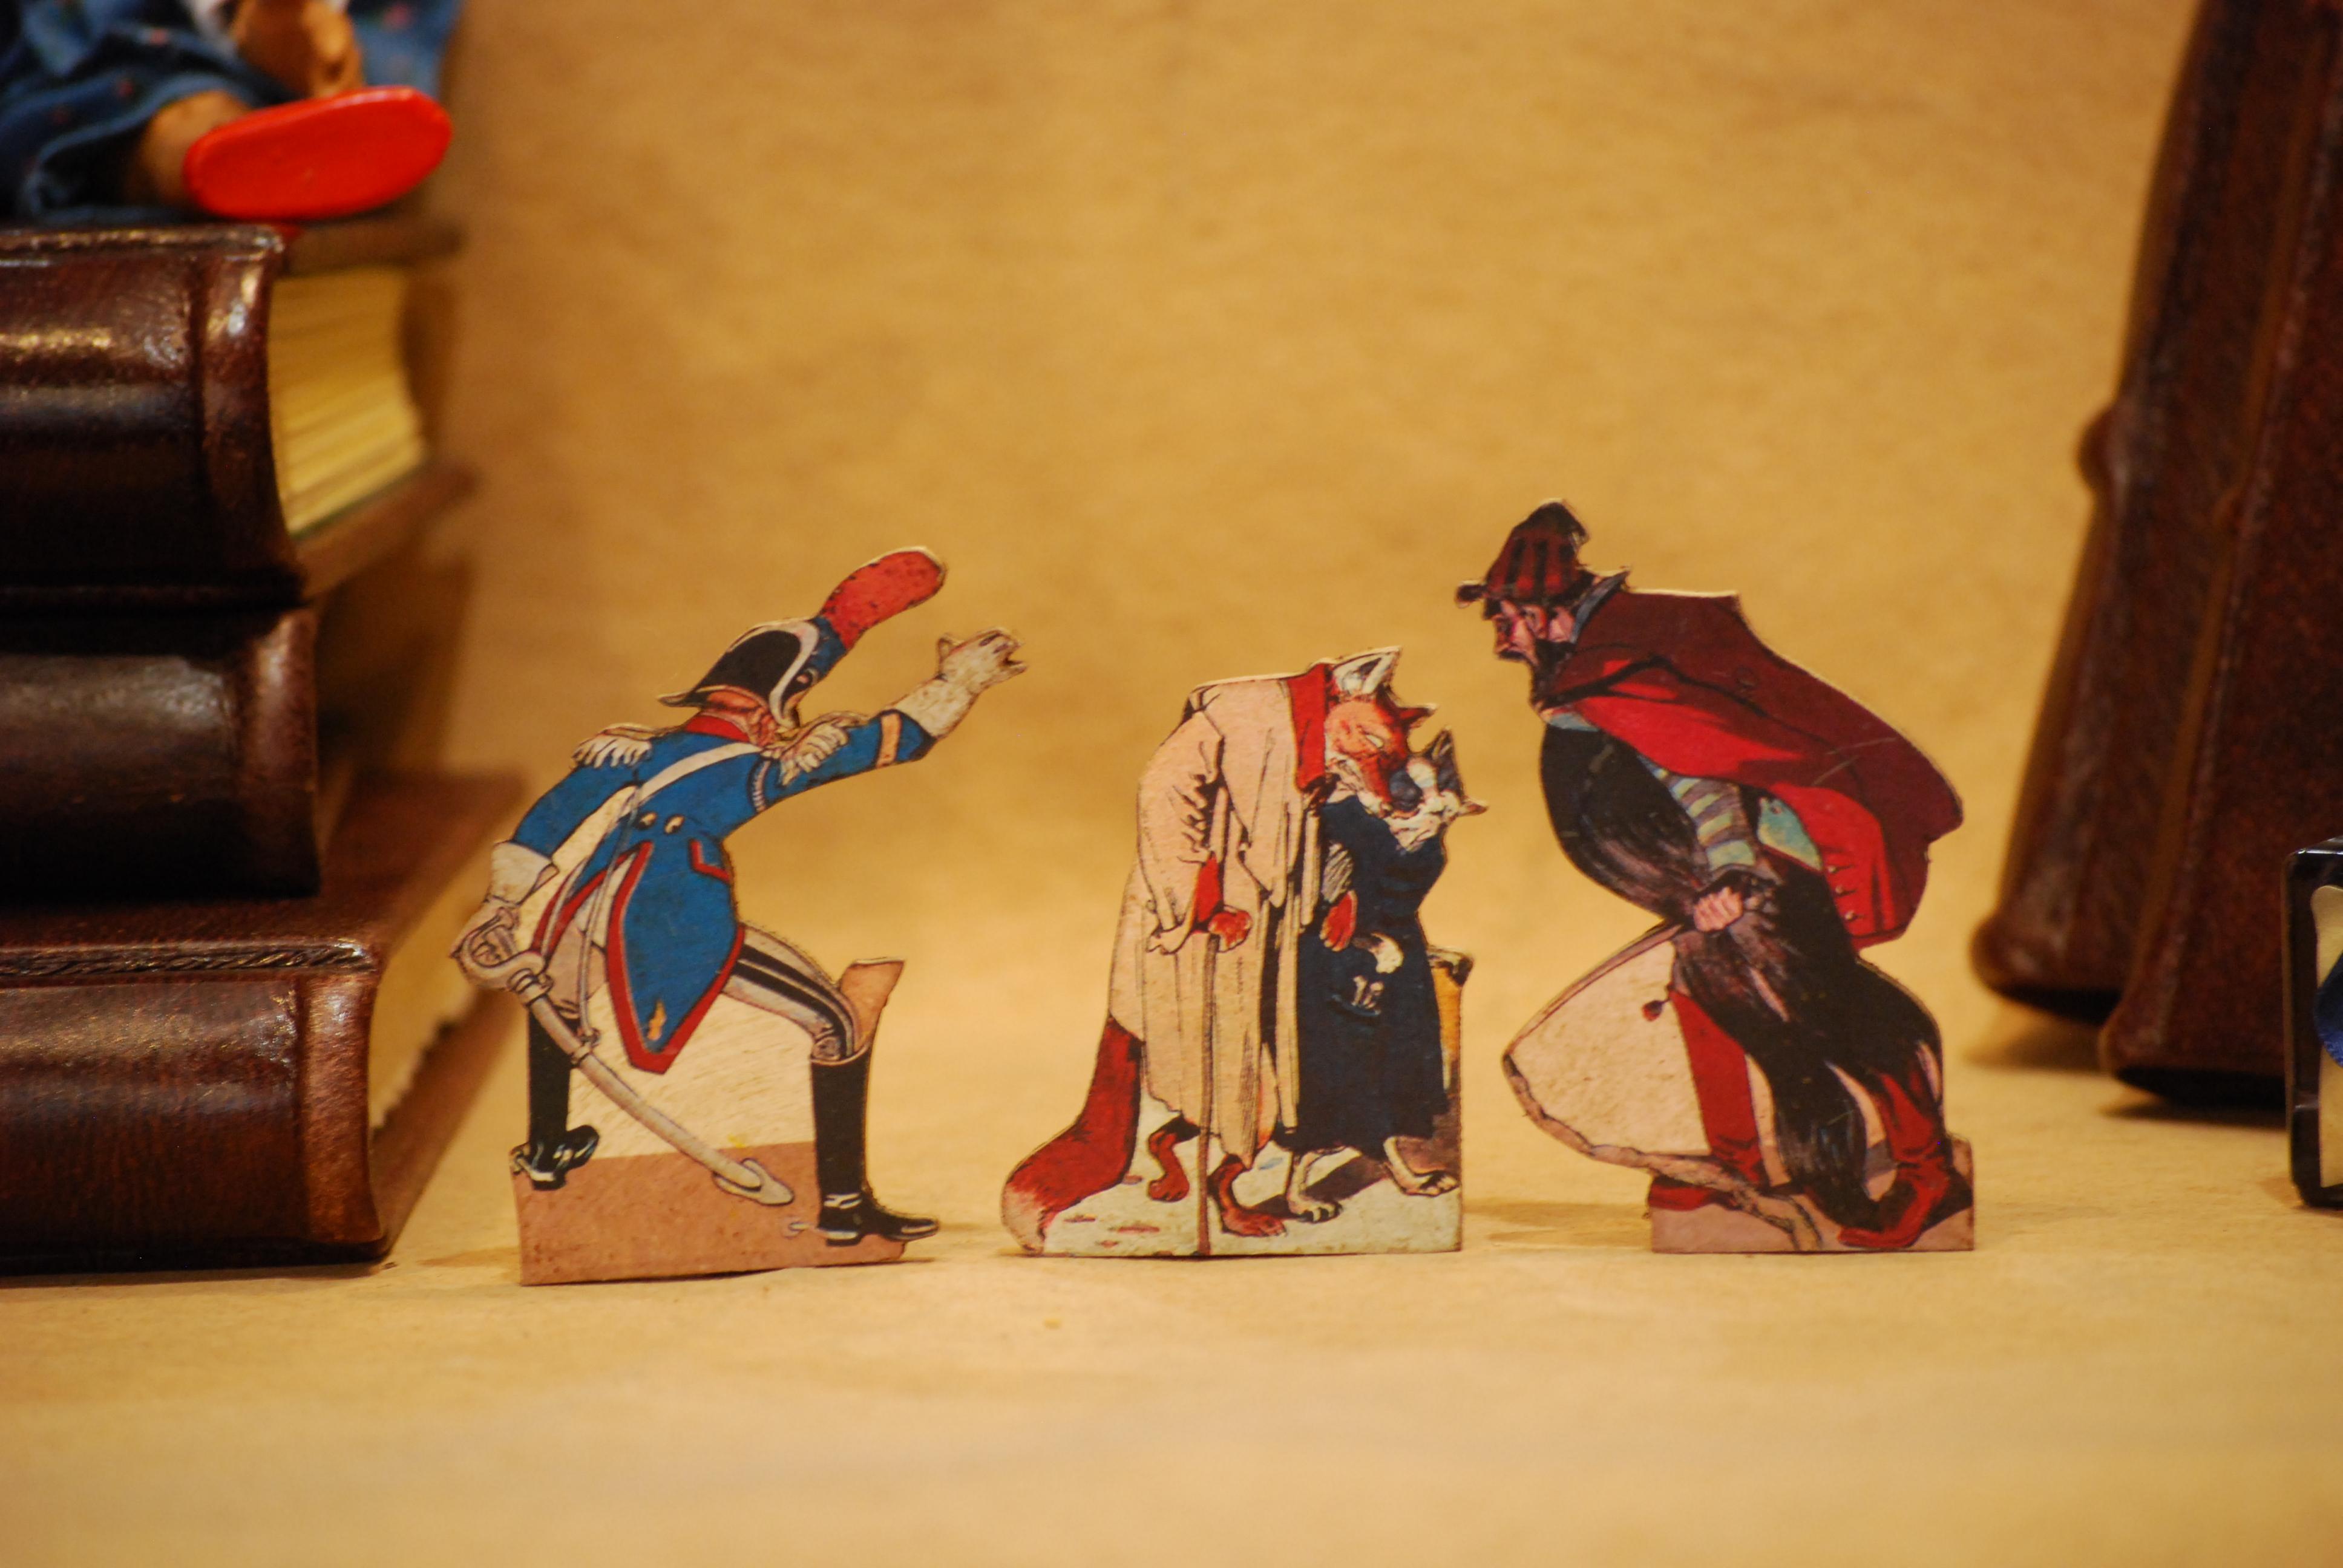 Personaggi della favola di Pinocchio, sagome traforate a mano